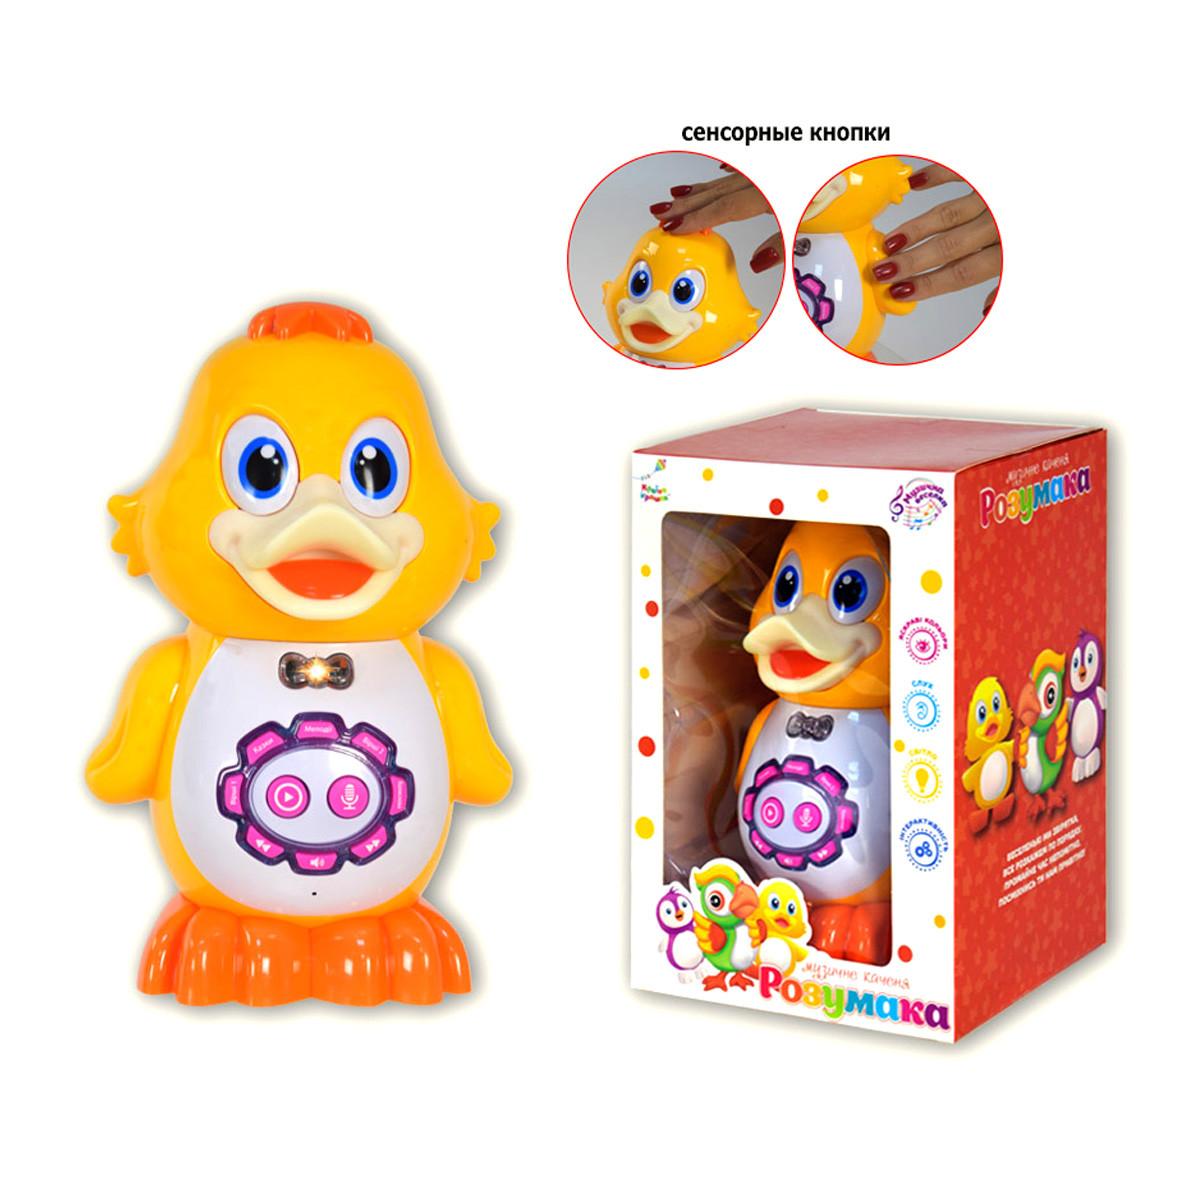 Интерактивная игрушка Утенок укр MiC (KI-7065)